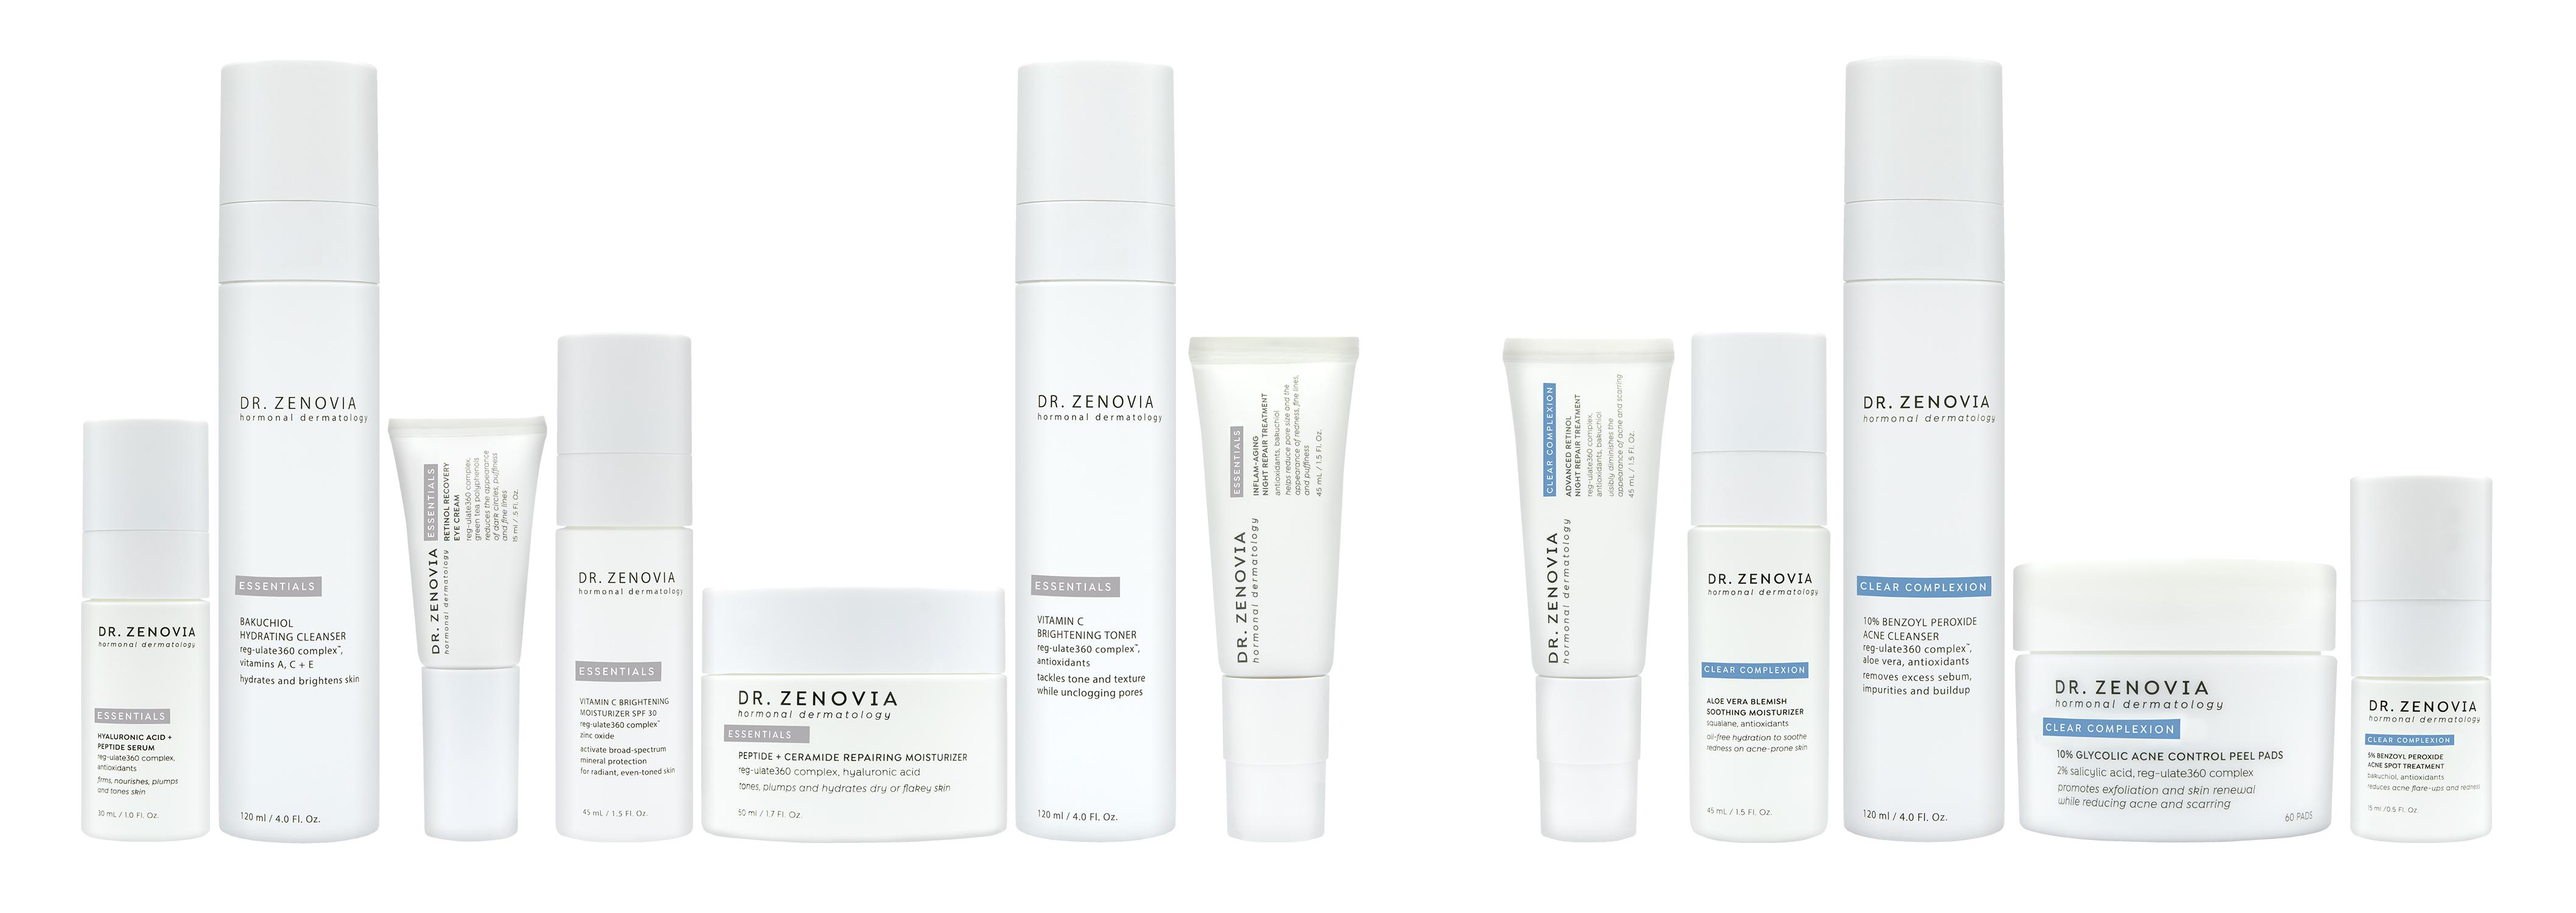 Dr. Zenovia Skin-Care